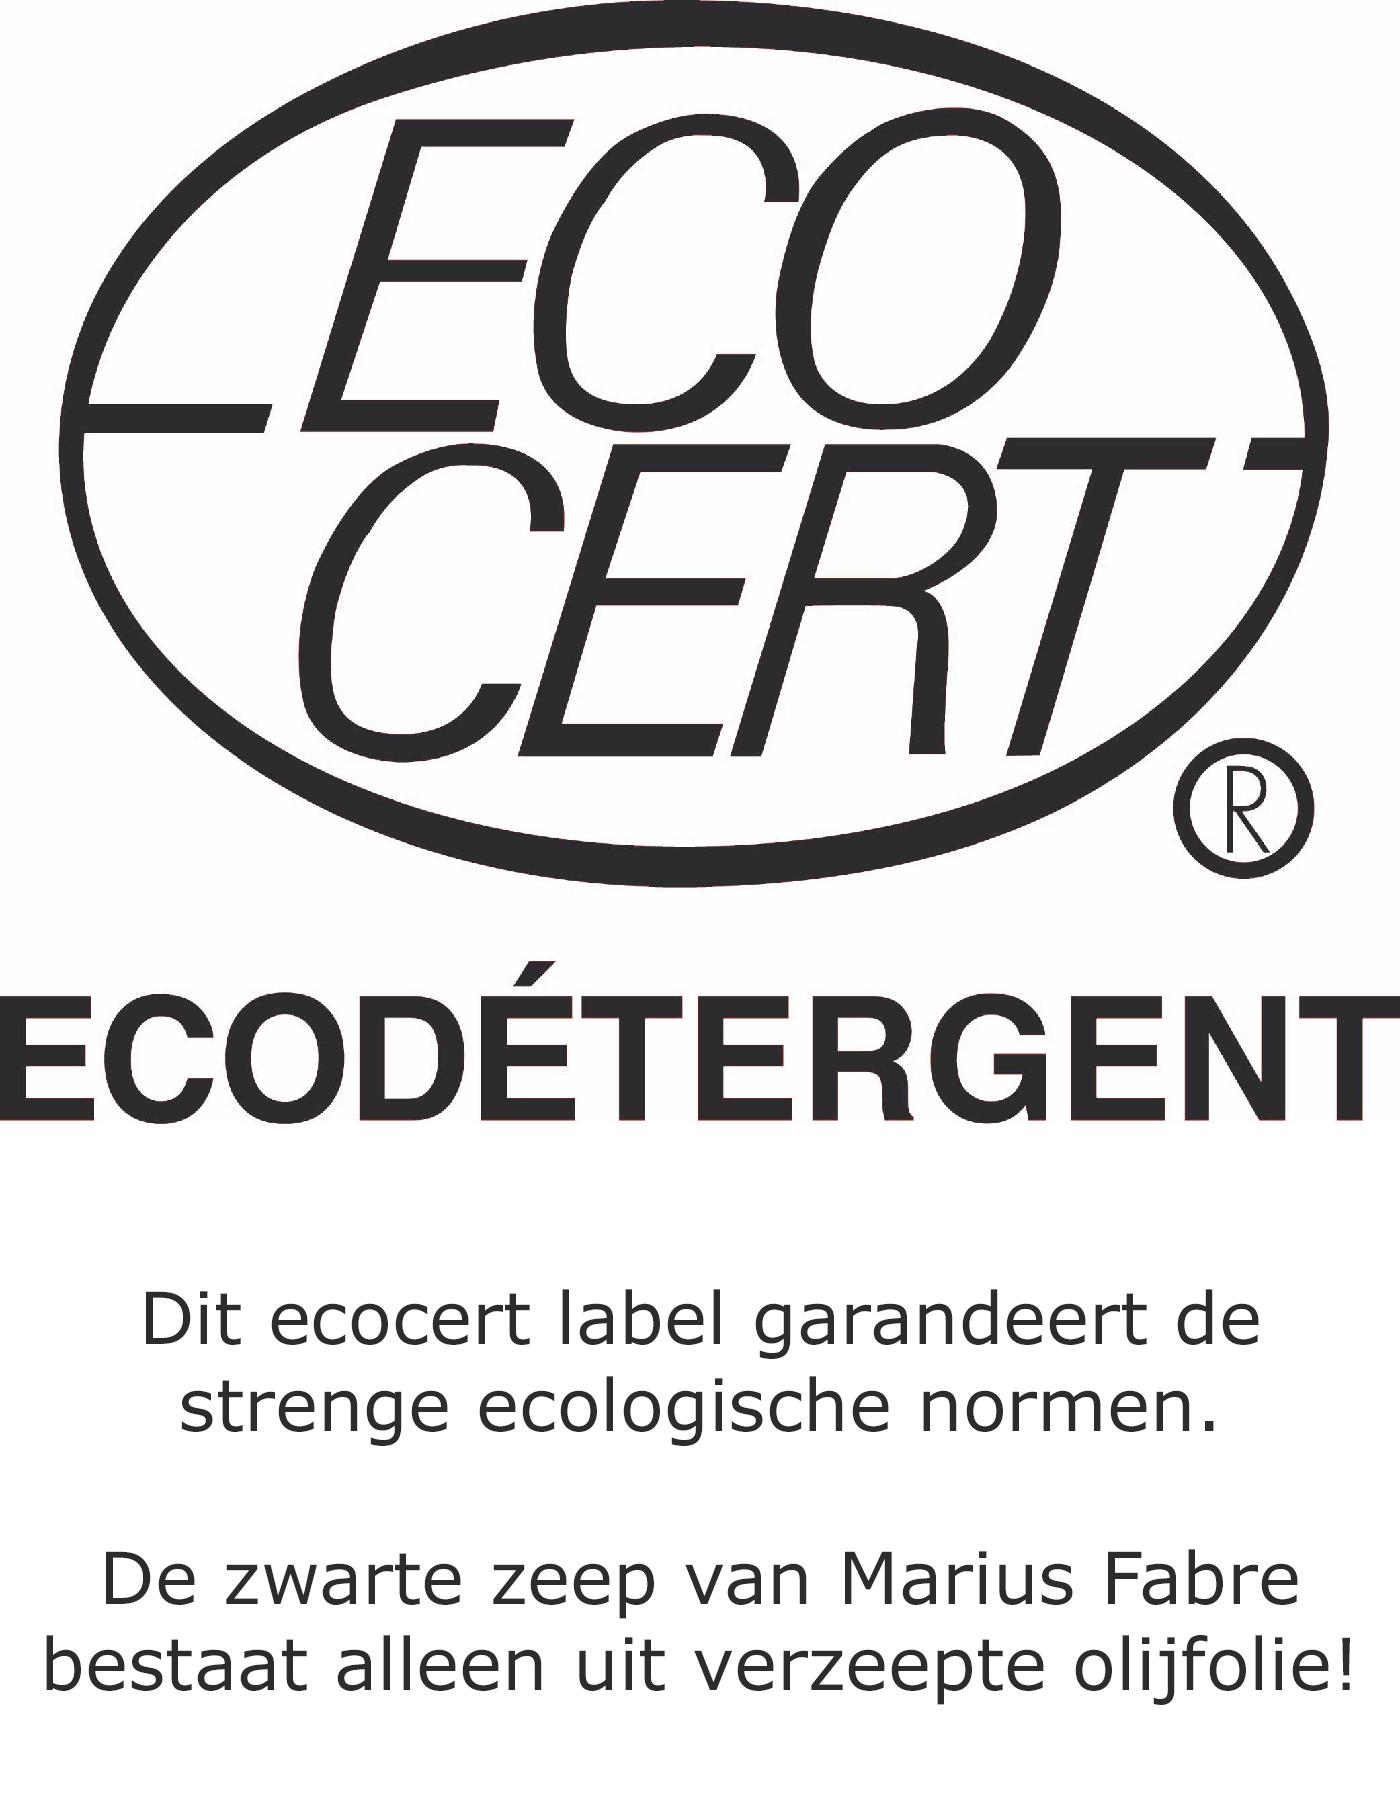 Eco certificaat van de zwarte zeep van Marius Fabre